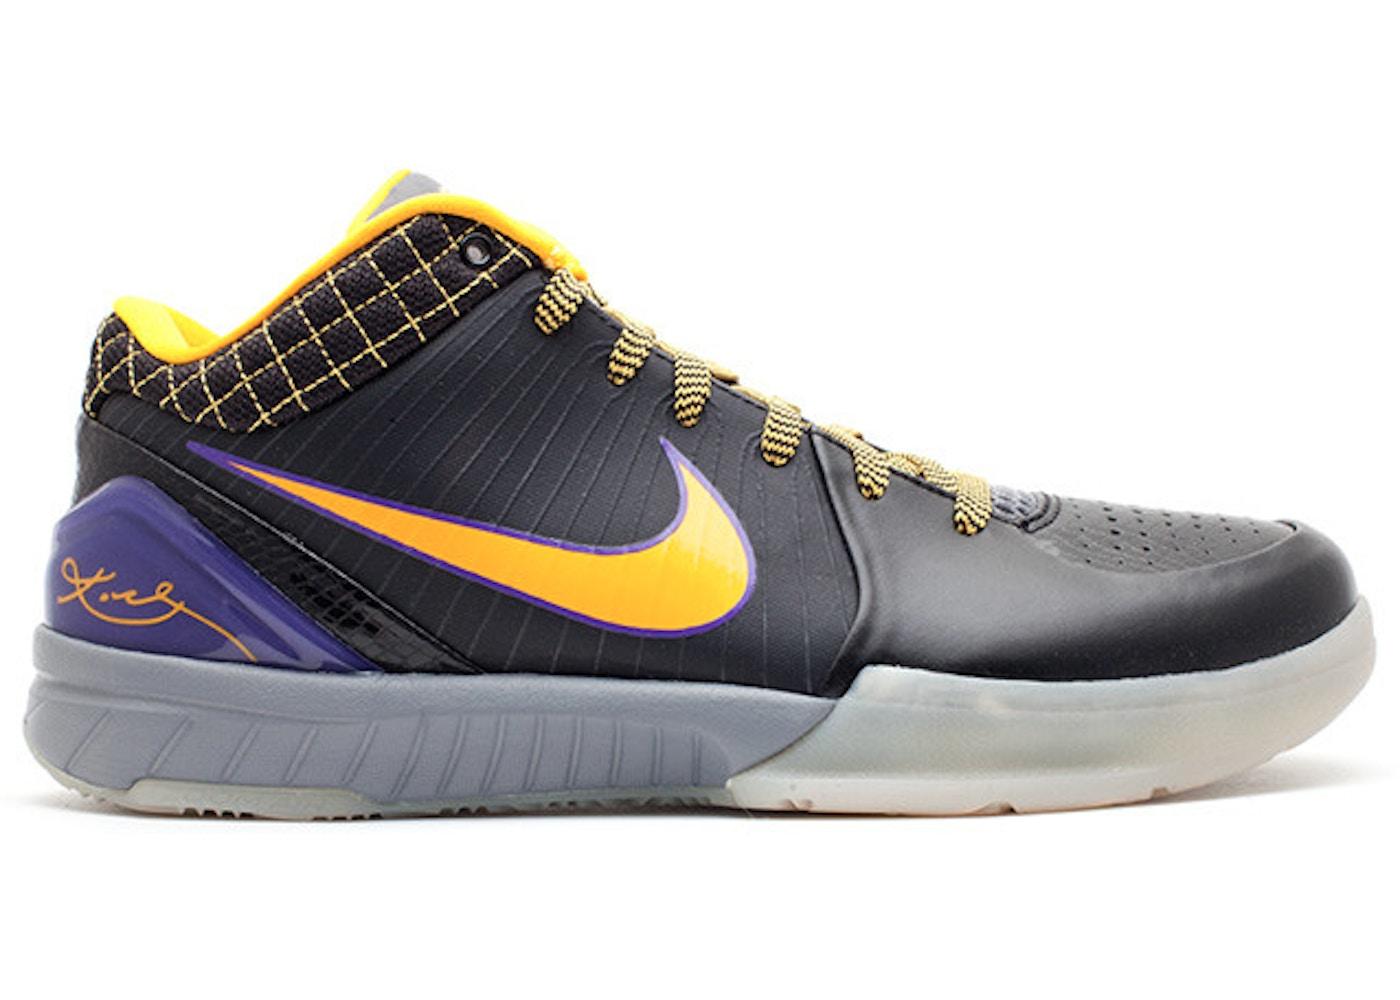 new styles 1a59f e8547 Buy Nike Kobe 4 Shoes   Deadstock Sneakers